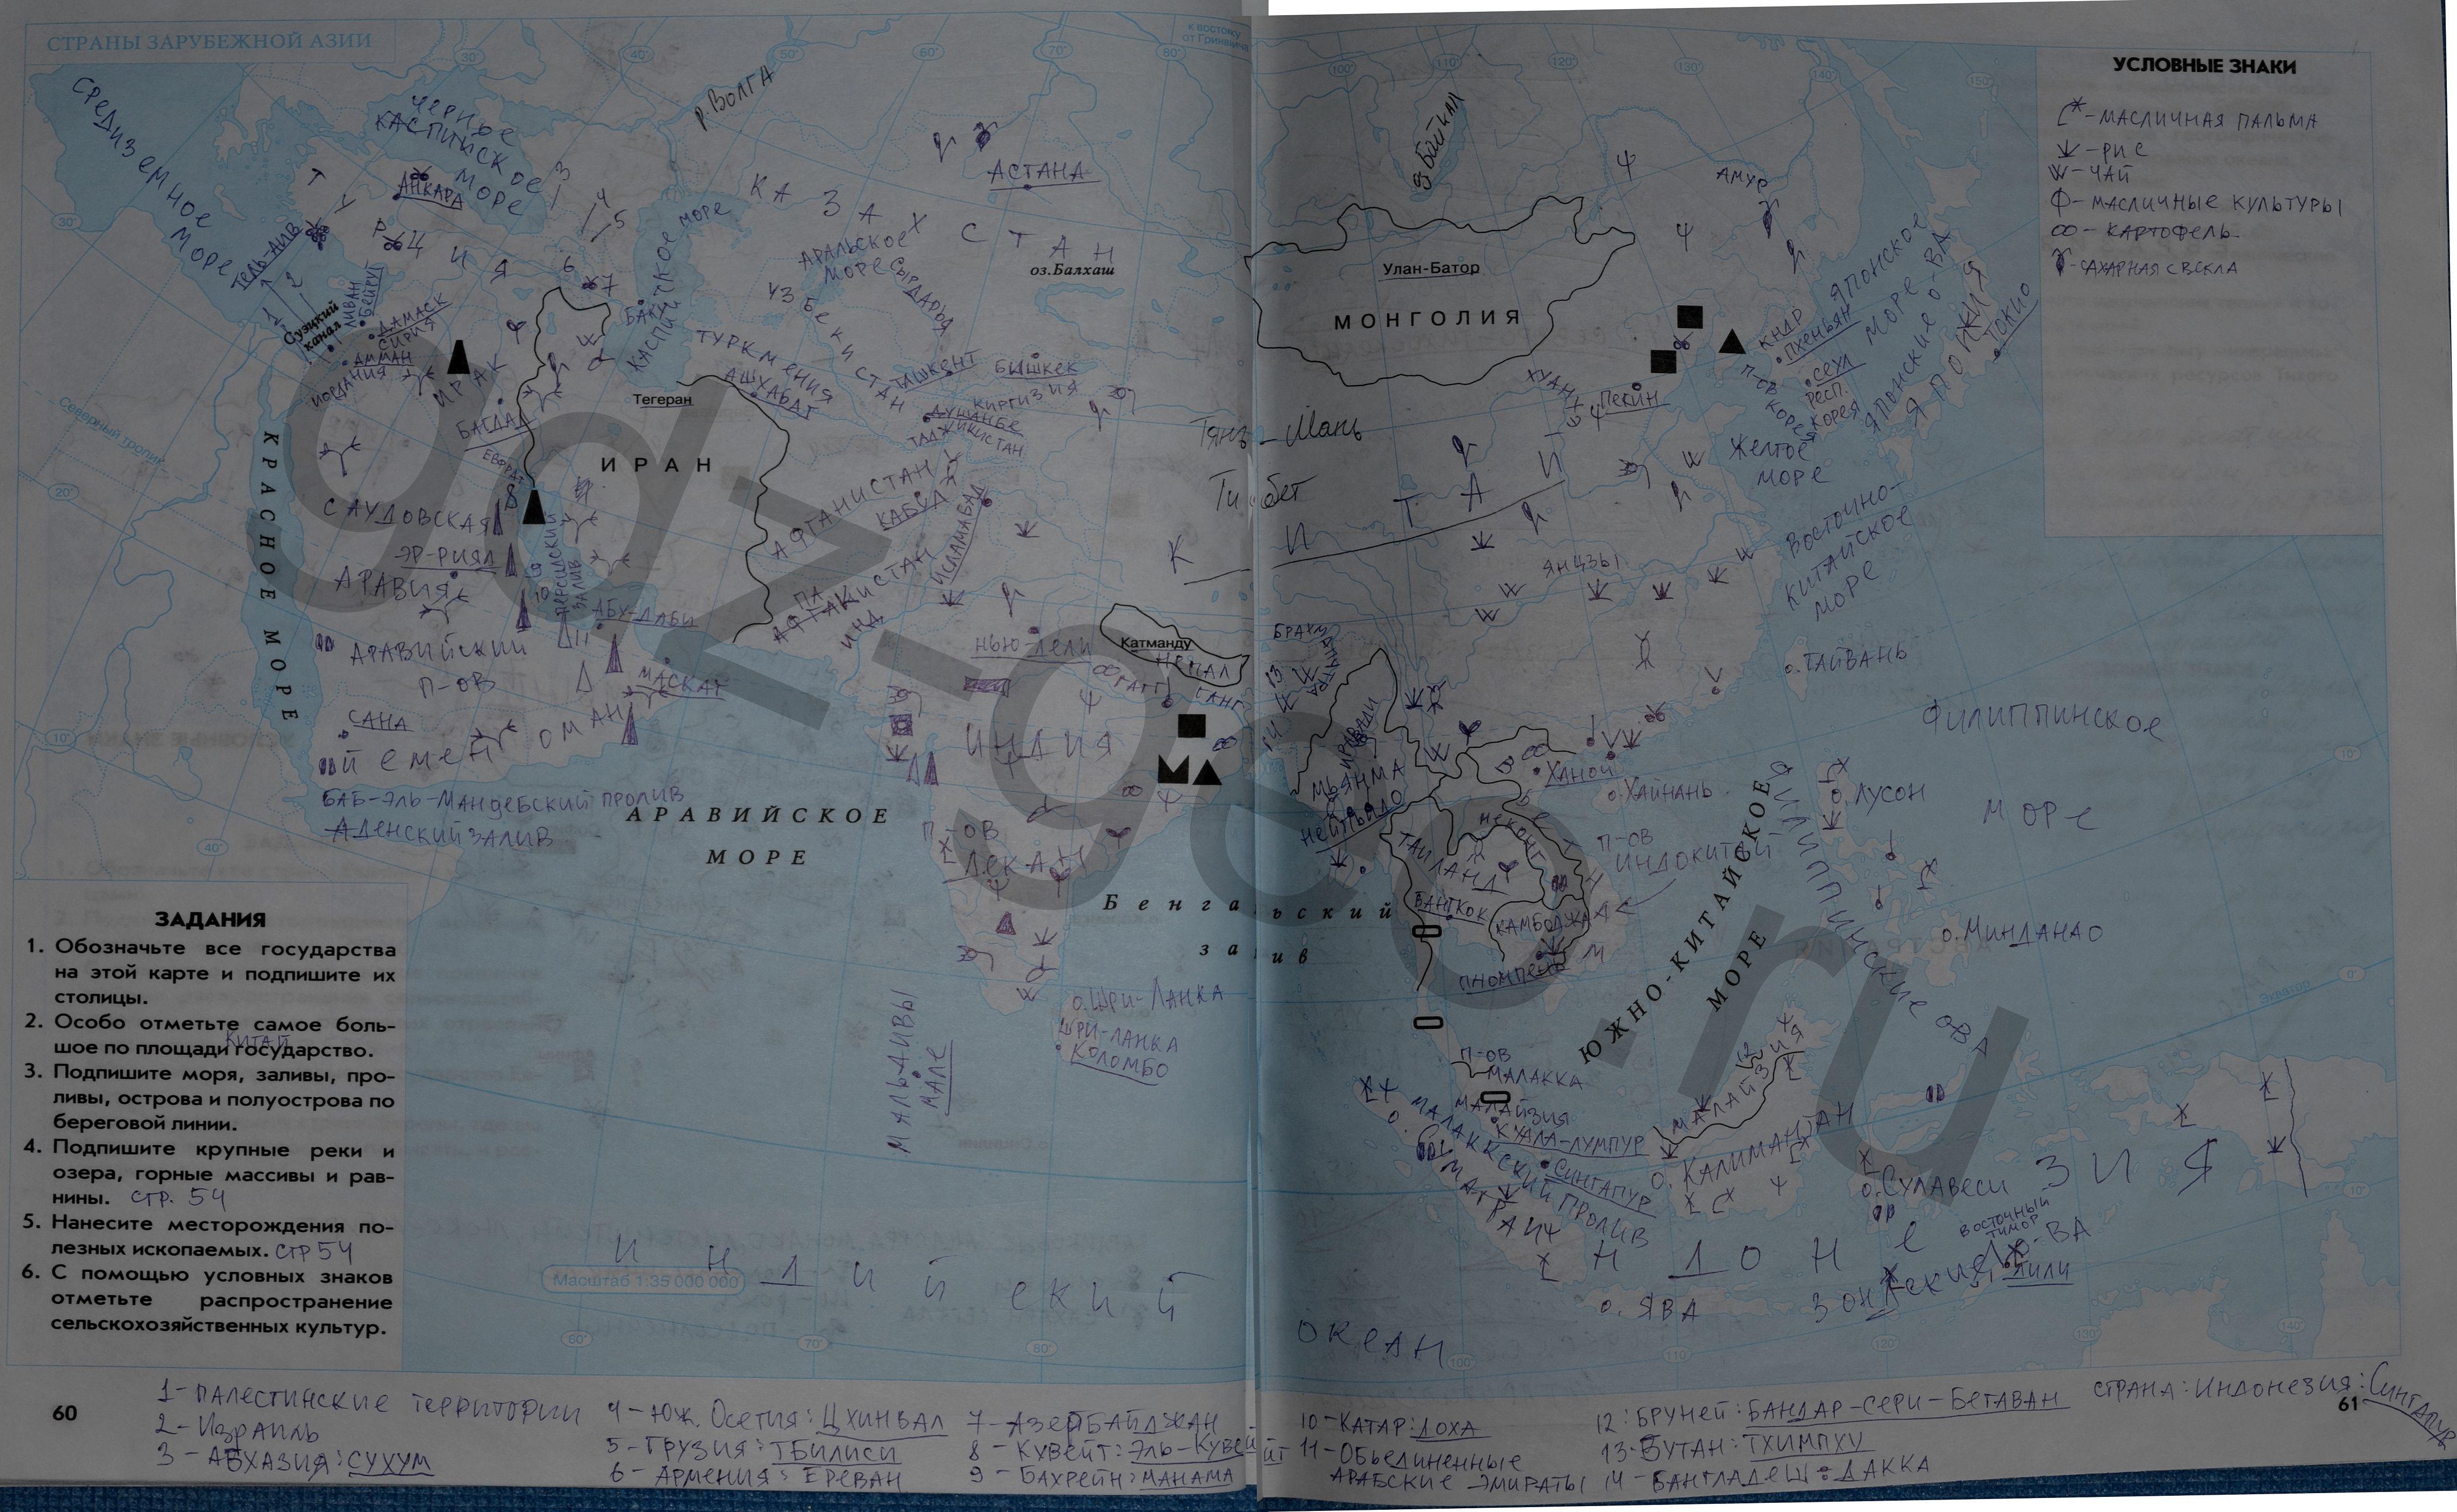 гдз по контурным картам по географии 10-11 класс